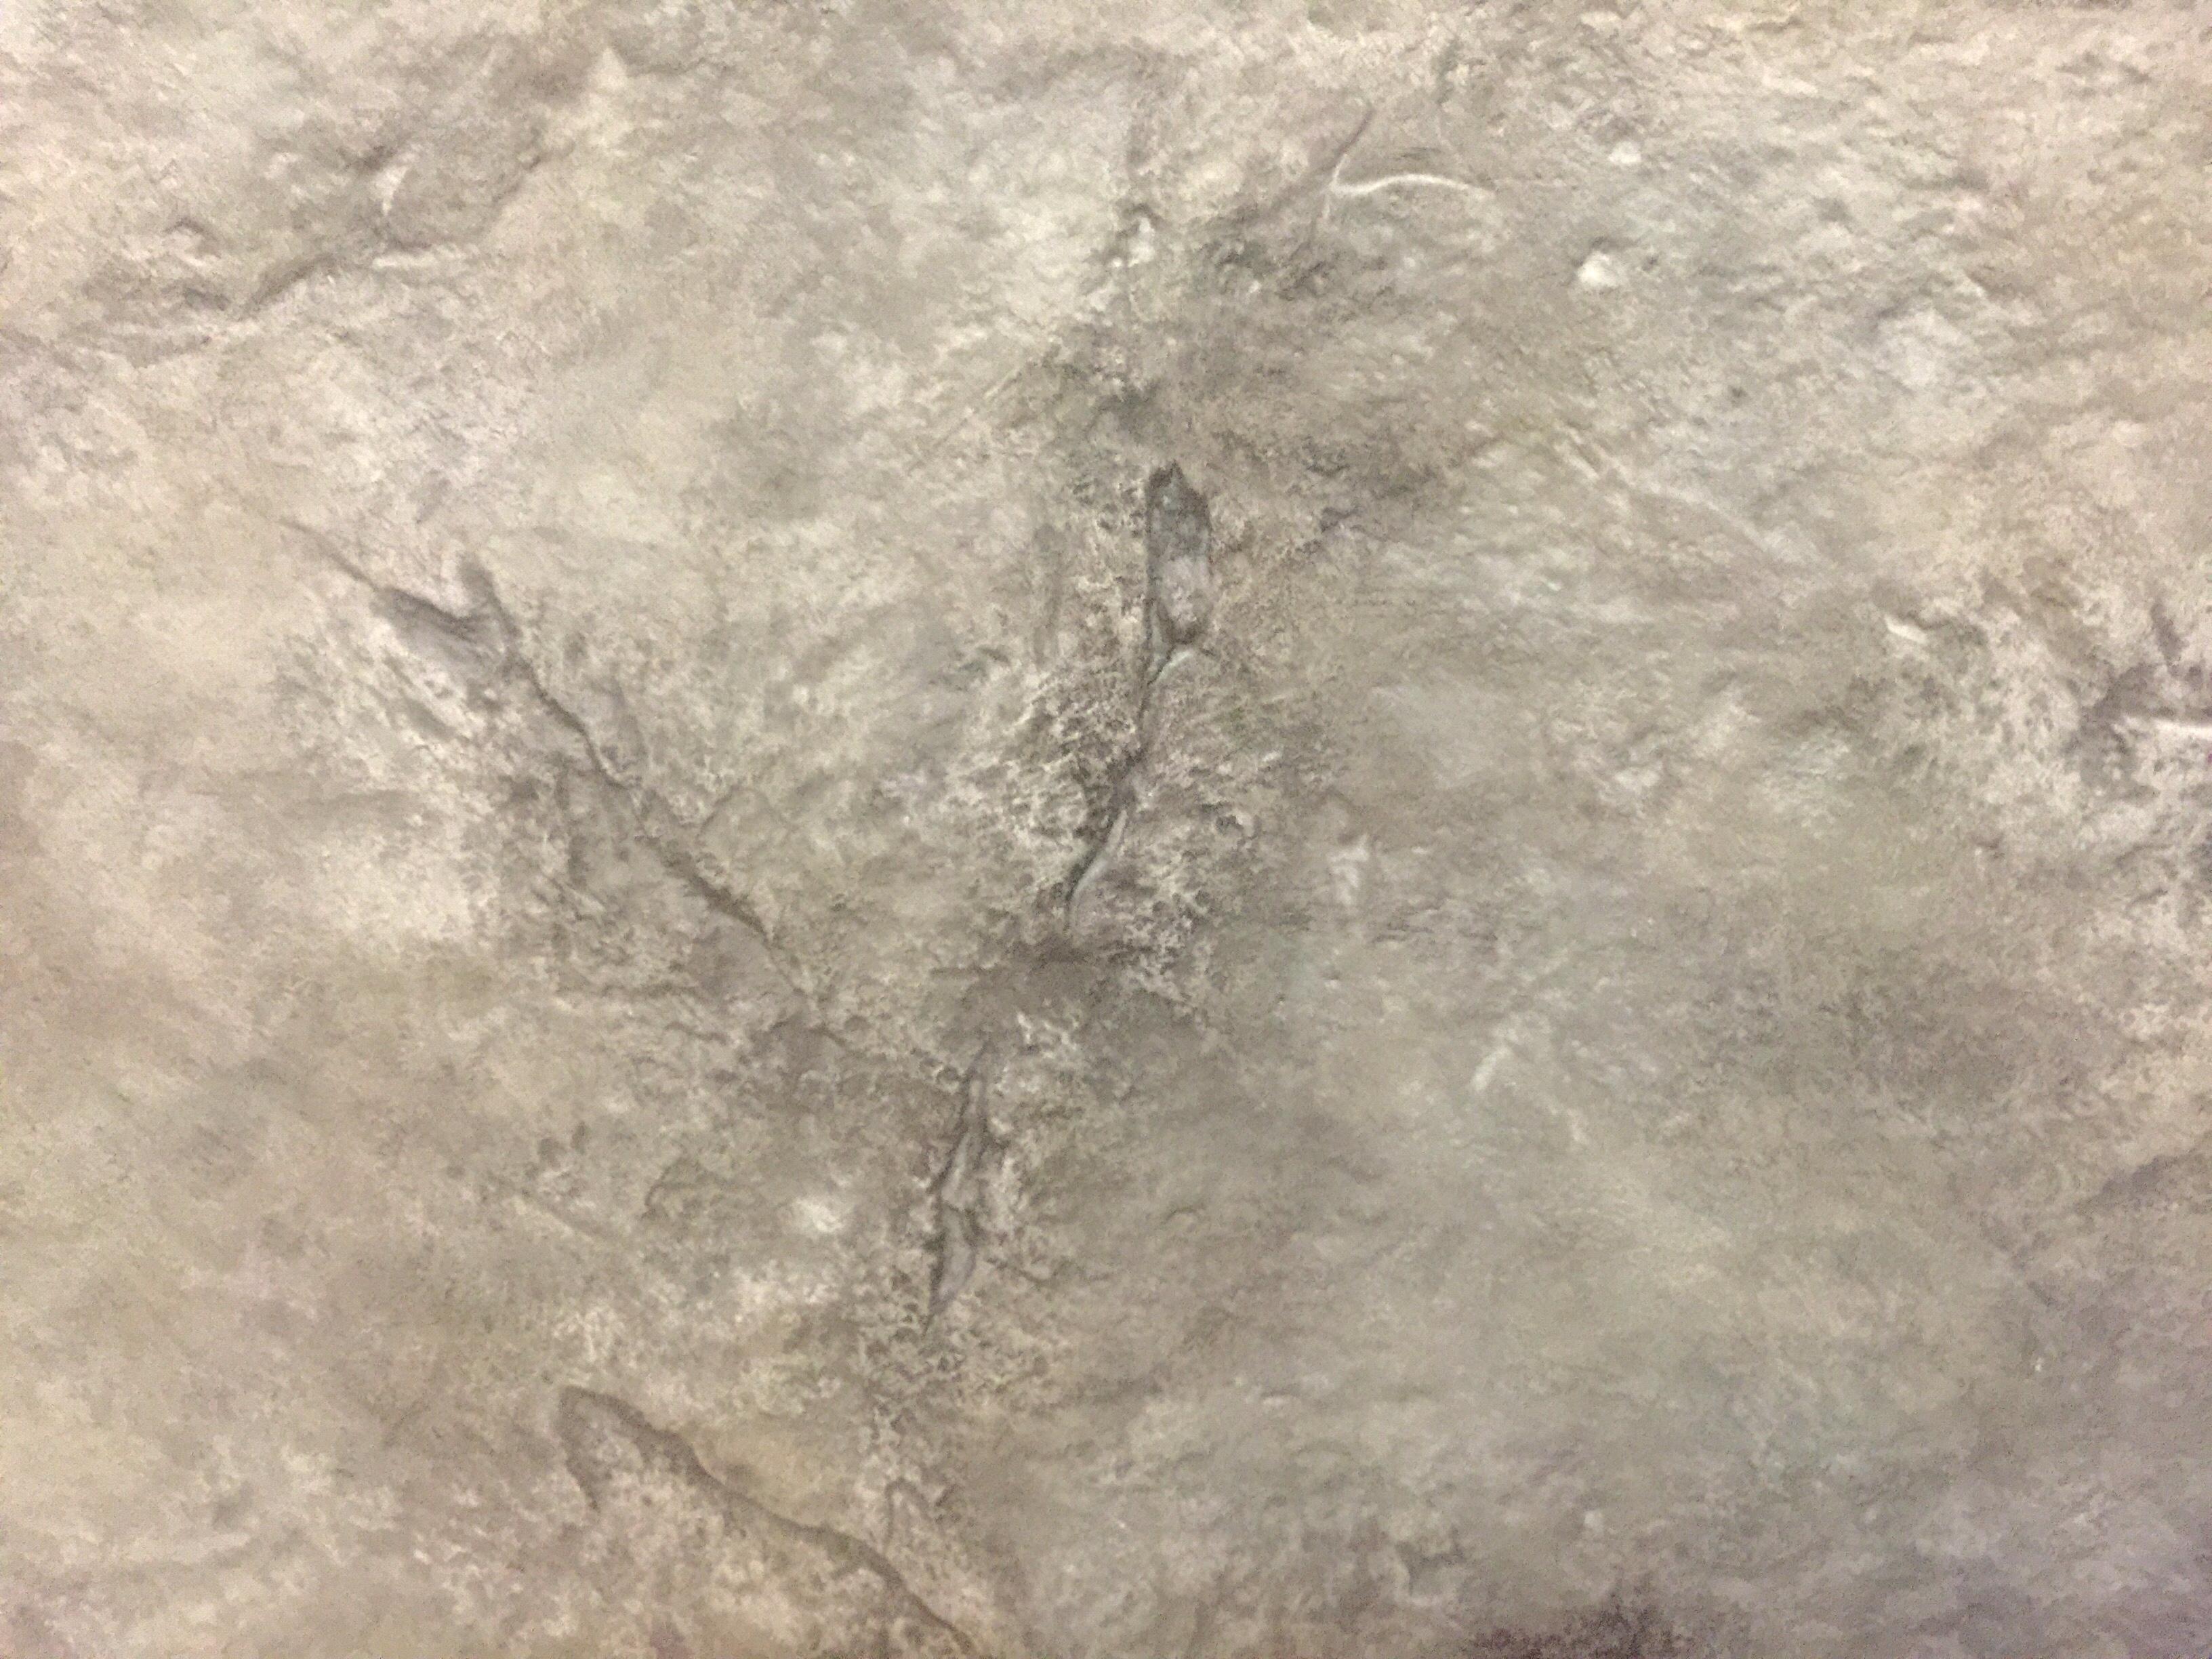 печатный бетон интерьер в стиле лофт